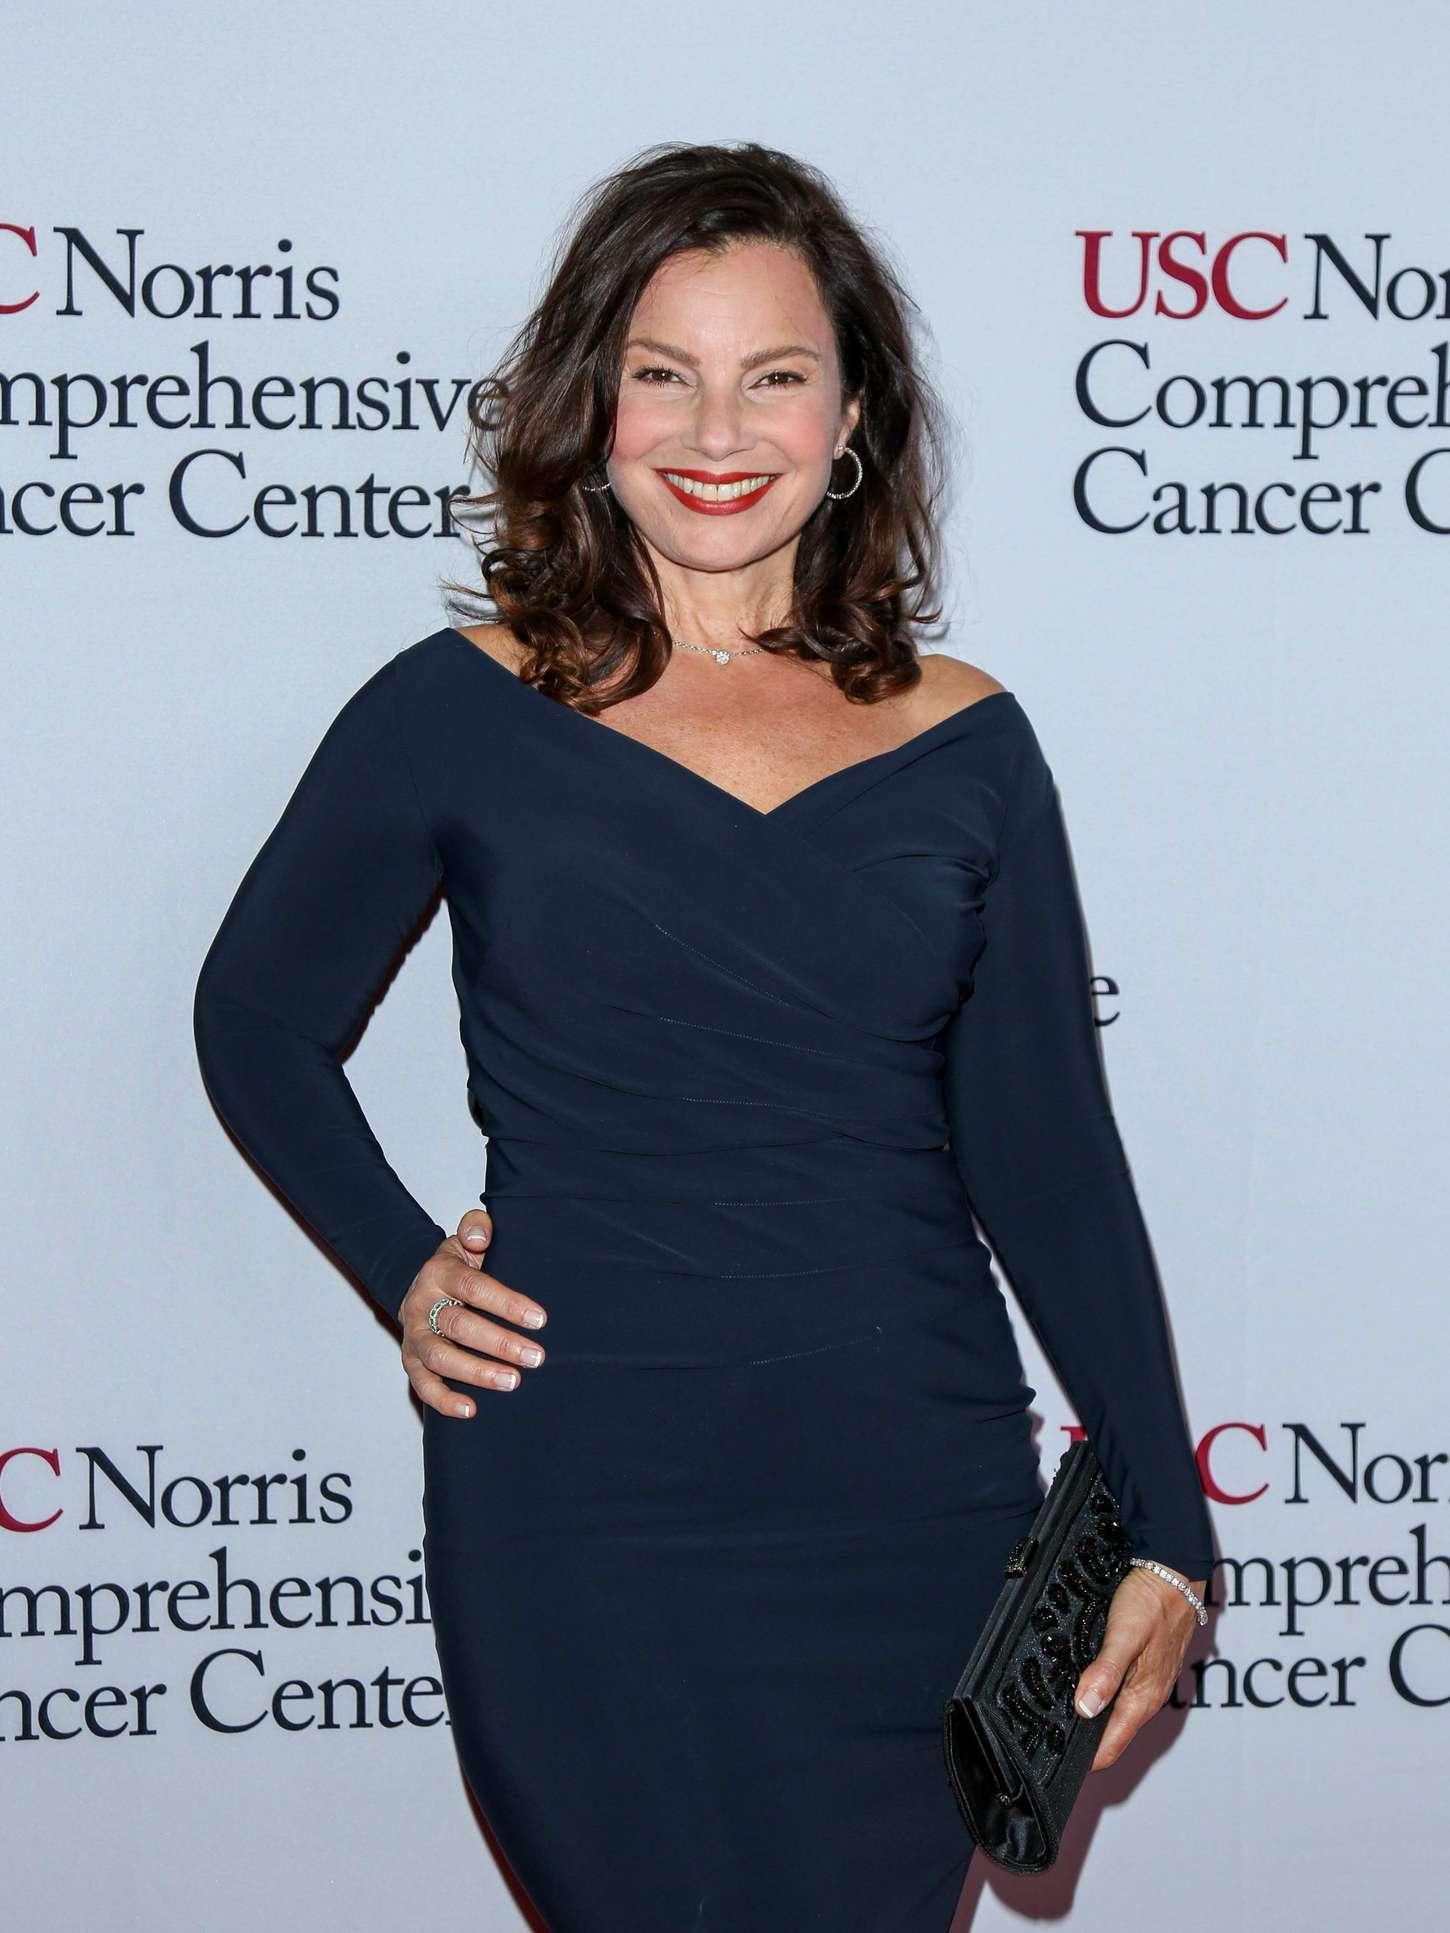 Fran Drescher USC Norris Cancer Center Gala in Beverly Hills